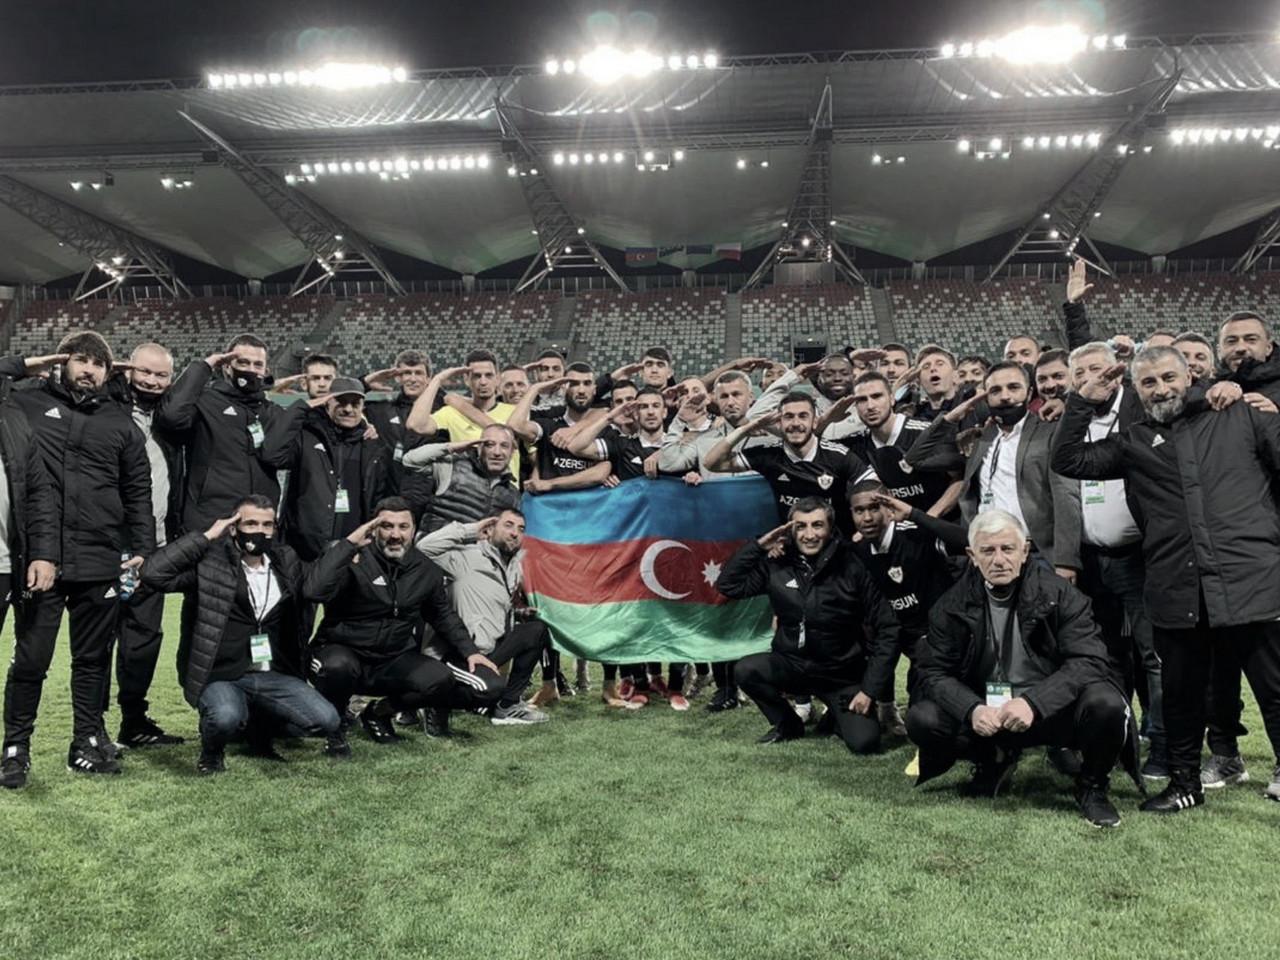 """<div style=""""text-align: left;"""">El Qarabag<span style=""""text-align: center;"""">&nbsp;tras vencer al Legia mostró su apoyo a los soldados azerís en conflicto militar&nbsp; // FOTO: Twitter Qarabag</span></div>"""